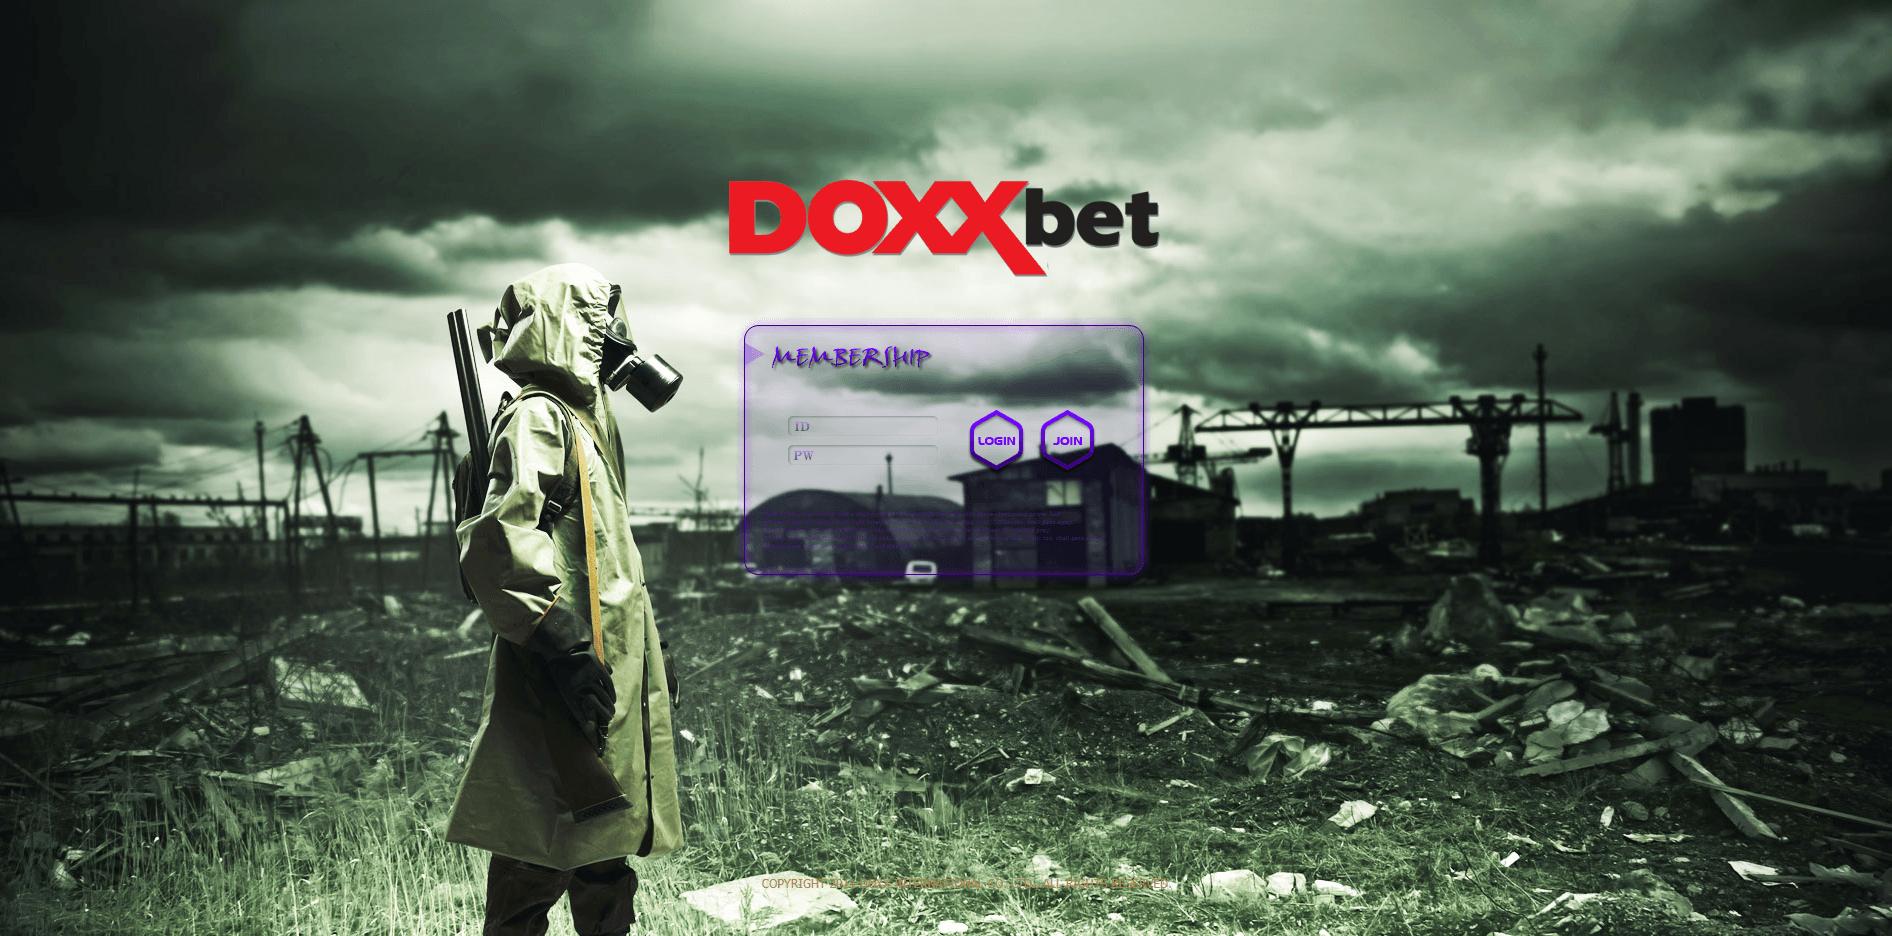 [먹튀검증]독스벳(Doxxbet)먹튀사이트확정doxx95.com먹튀검증업체 토토안내소